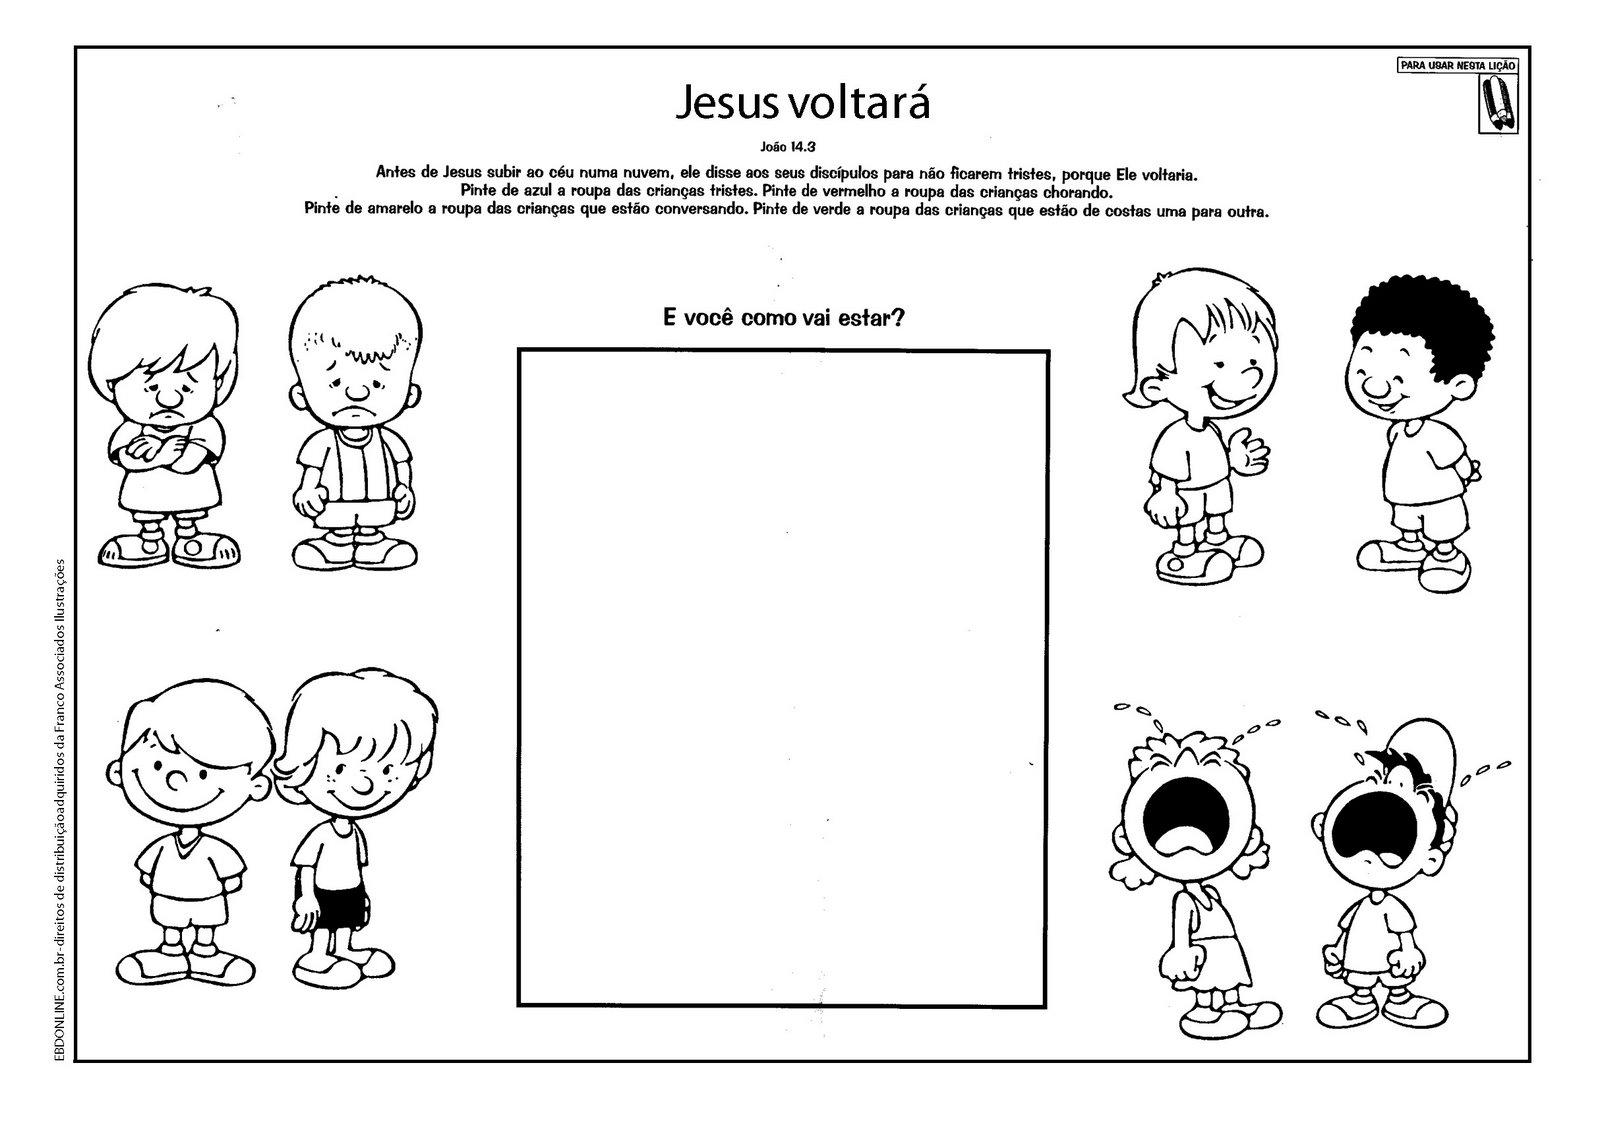 Famosos Cristãos kids: Estudo bíblico para crianças - A volta de Jesus  TA92